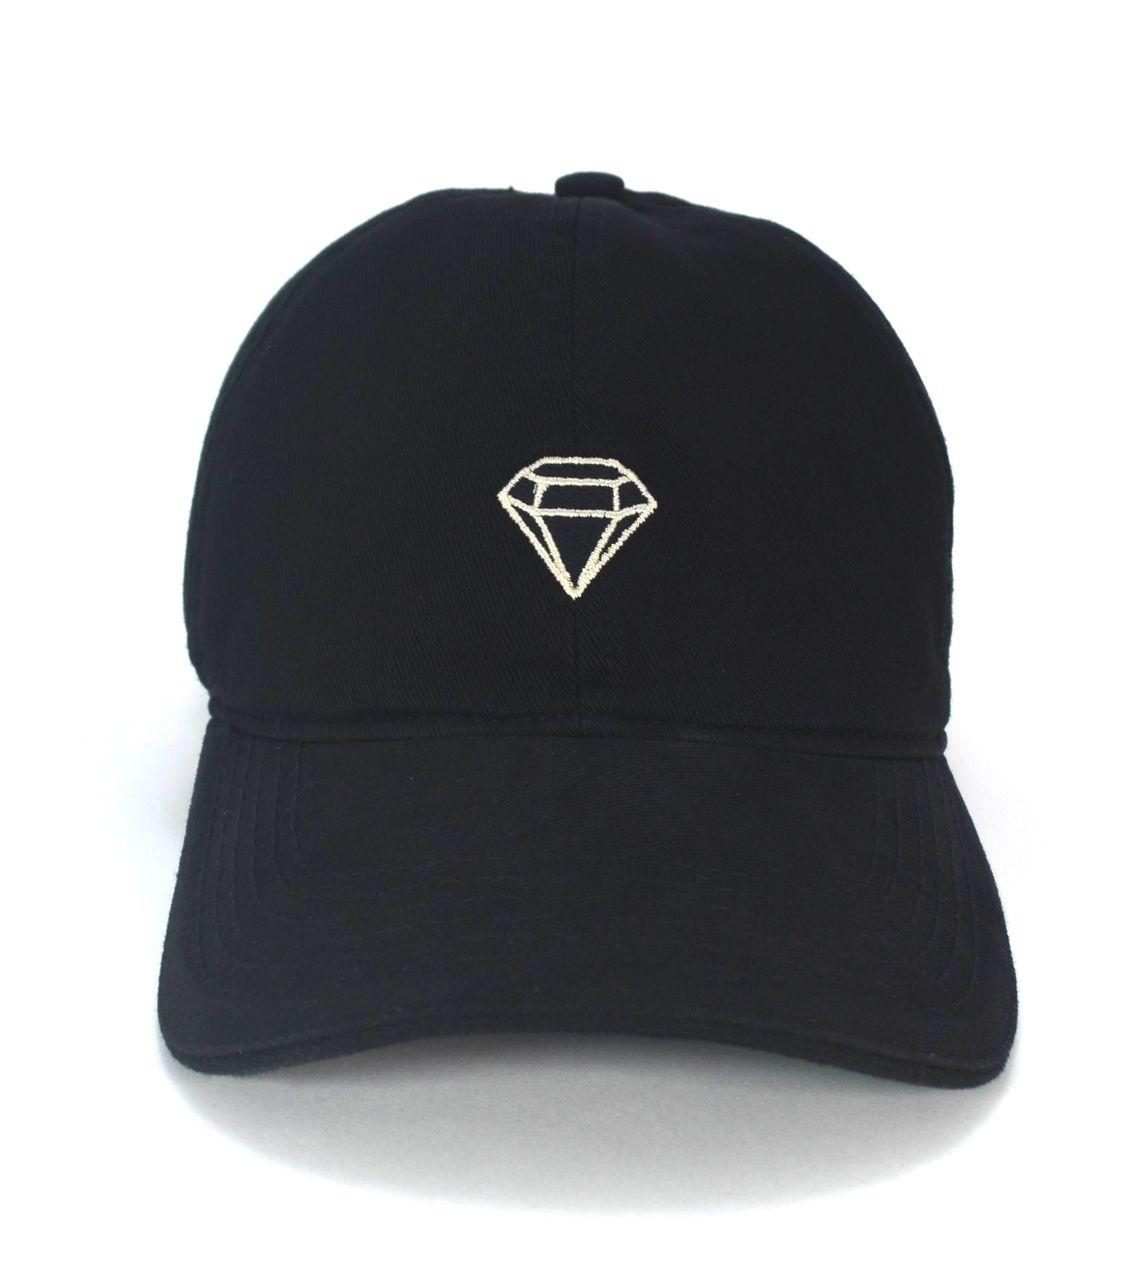 Boné Preto Diamante Aba Curva Masculino Feminino Strapback de Fita Club Made